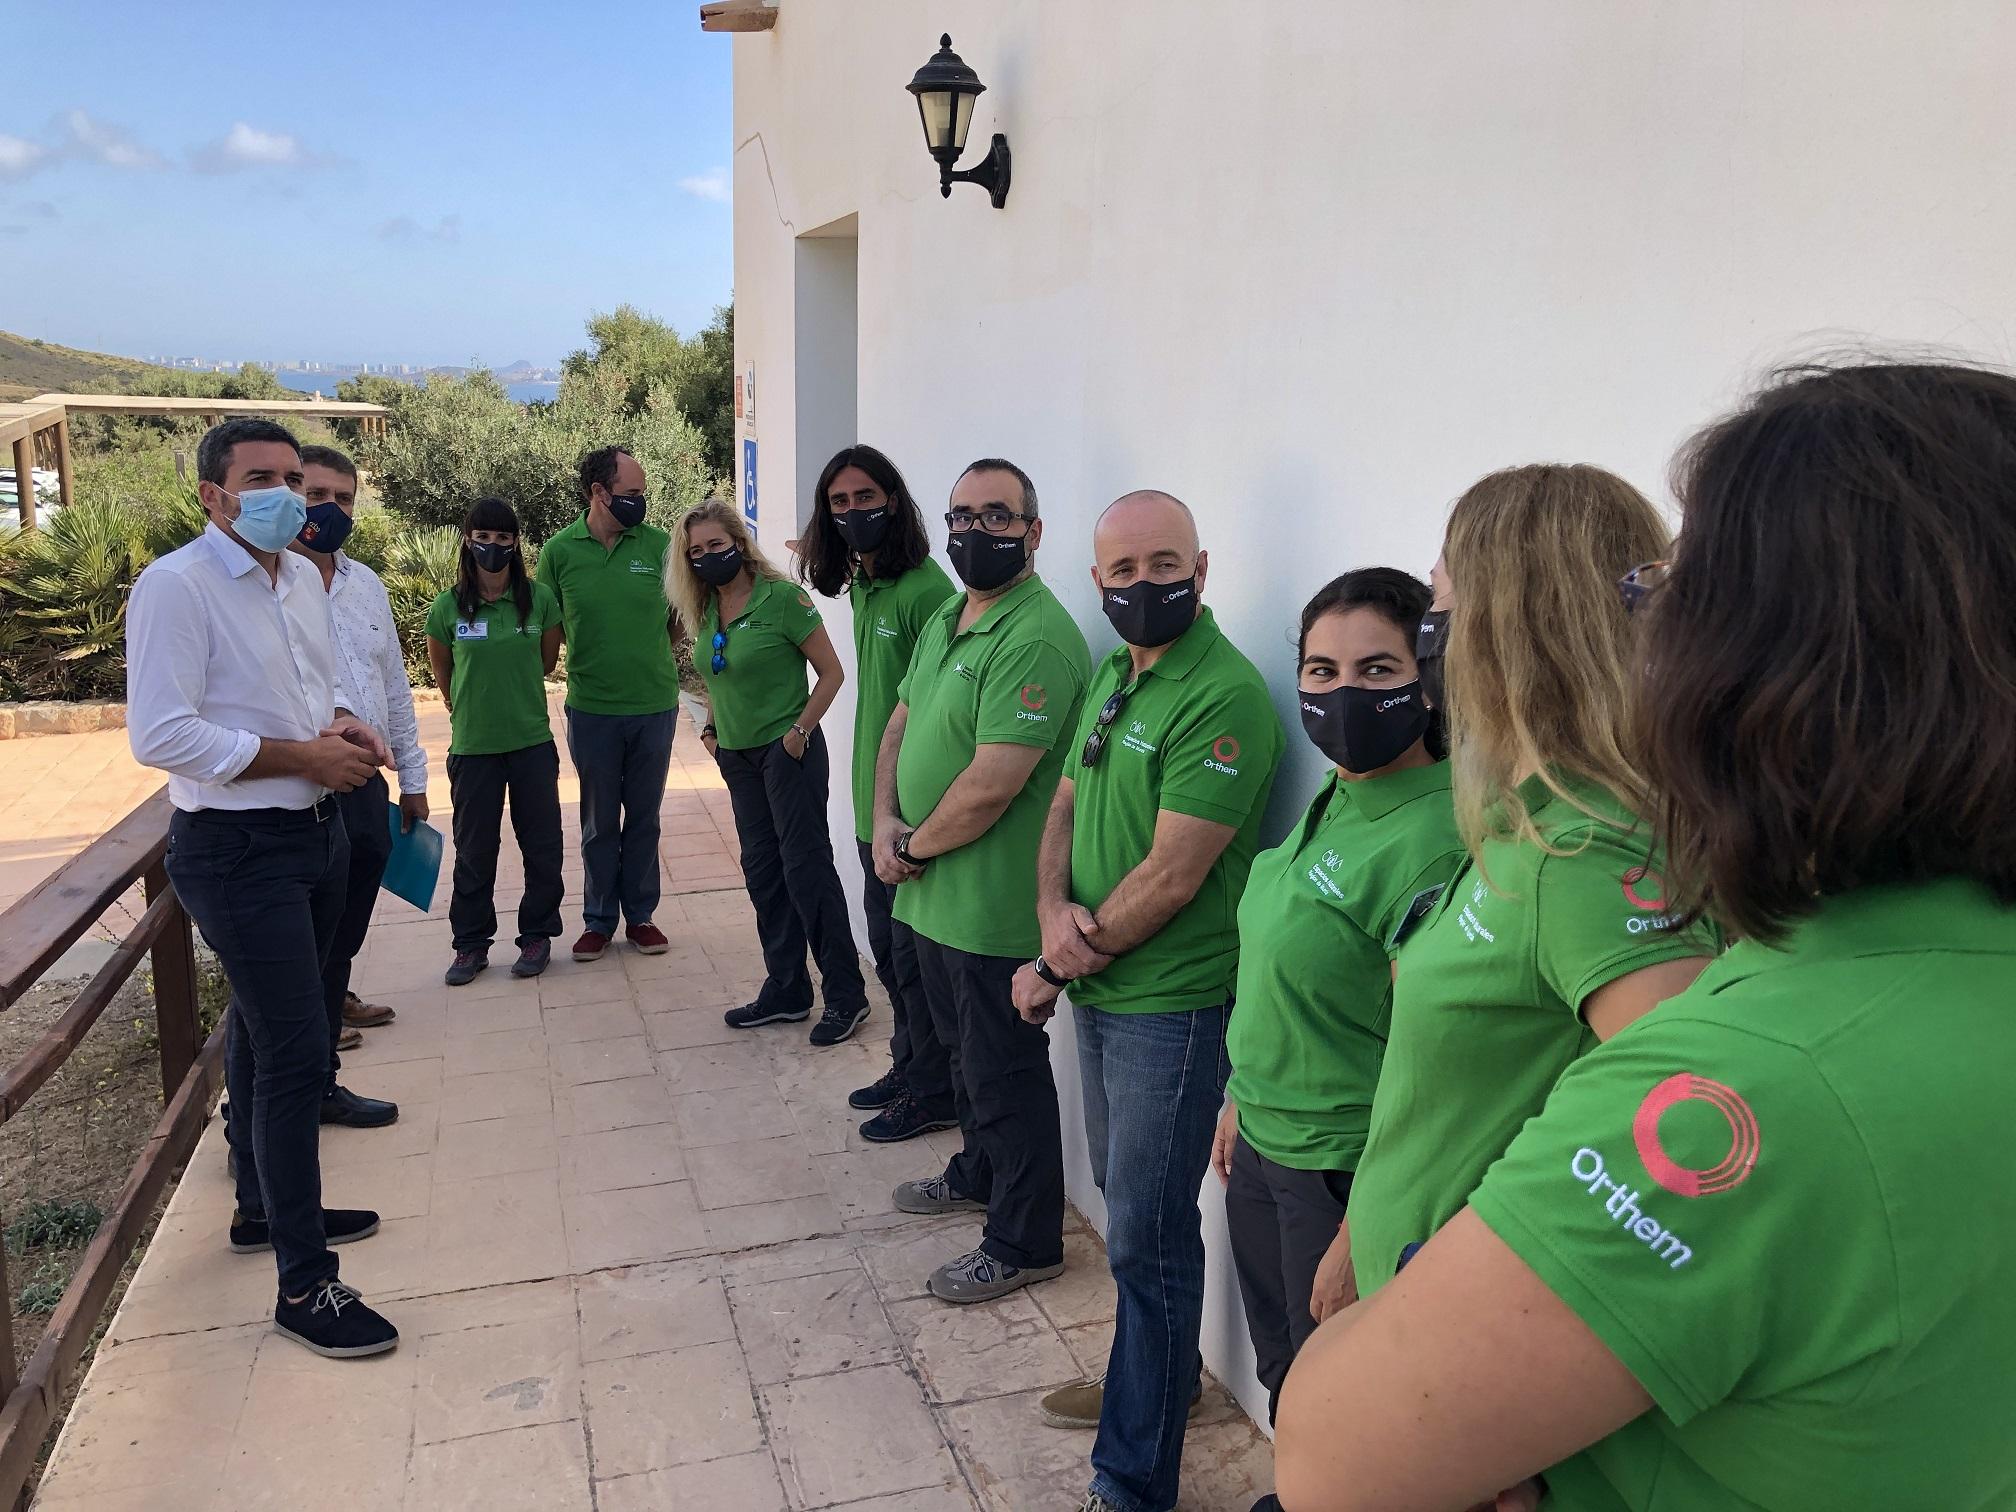 El consejero de Medio Ambiente, Antonio Luengo, en el Centro de Visitantes de Las Cobaticas, en Calblanque, con los informadores en Espacios Naturales. Imagen: CARM